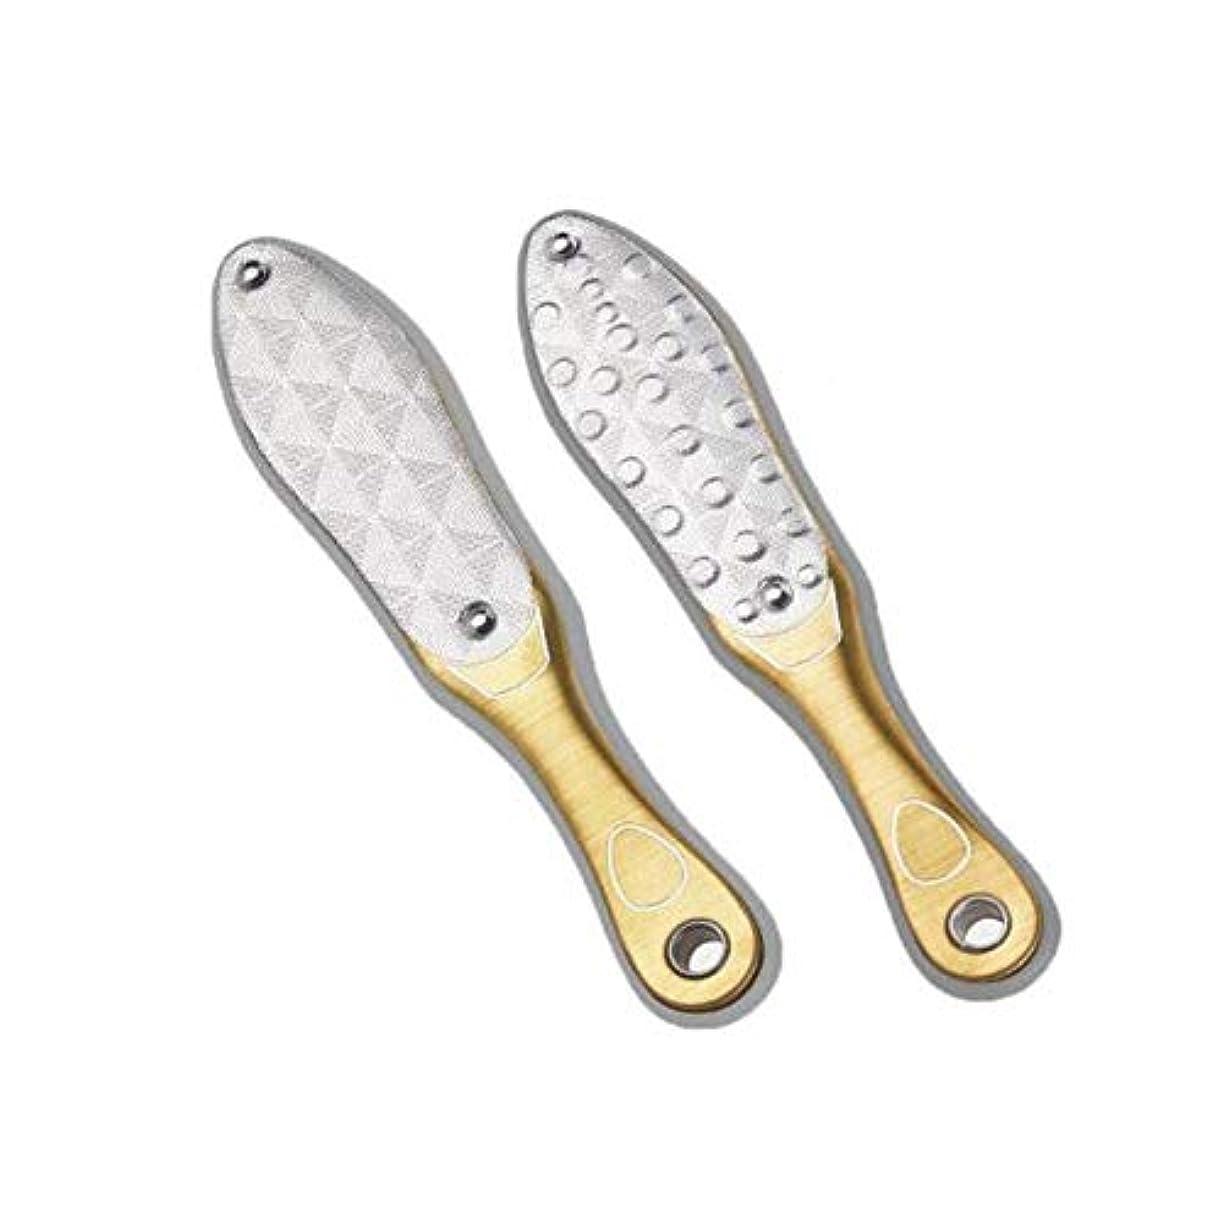 ブレースハックひまわりJielongtongxun 足研削、フットマイクロダーマプロフェッショナルステンレス鋼は、エクスフォリエイティングマイクロダーマブレーションホームフットペディキュアペディキュア、シャンパンをダブル両面 ,足の皮膚の負担を軽減 (Color : Gold, Size : 20*4.5cm)